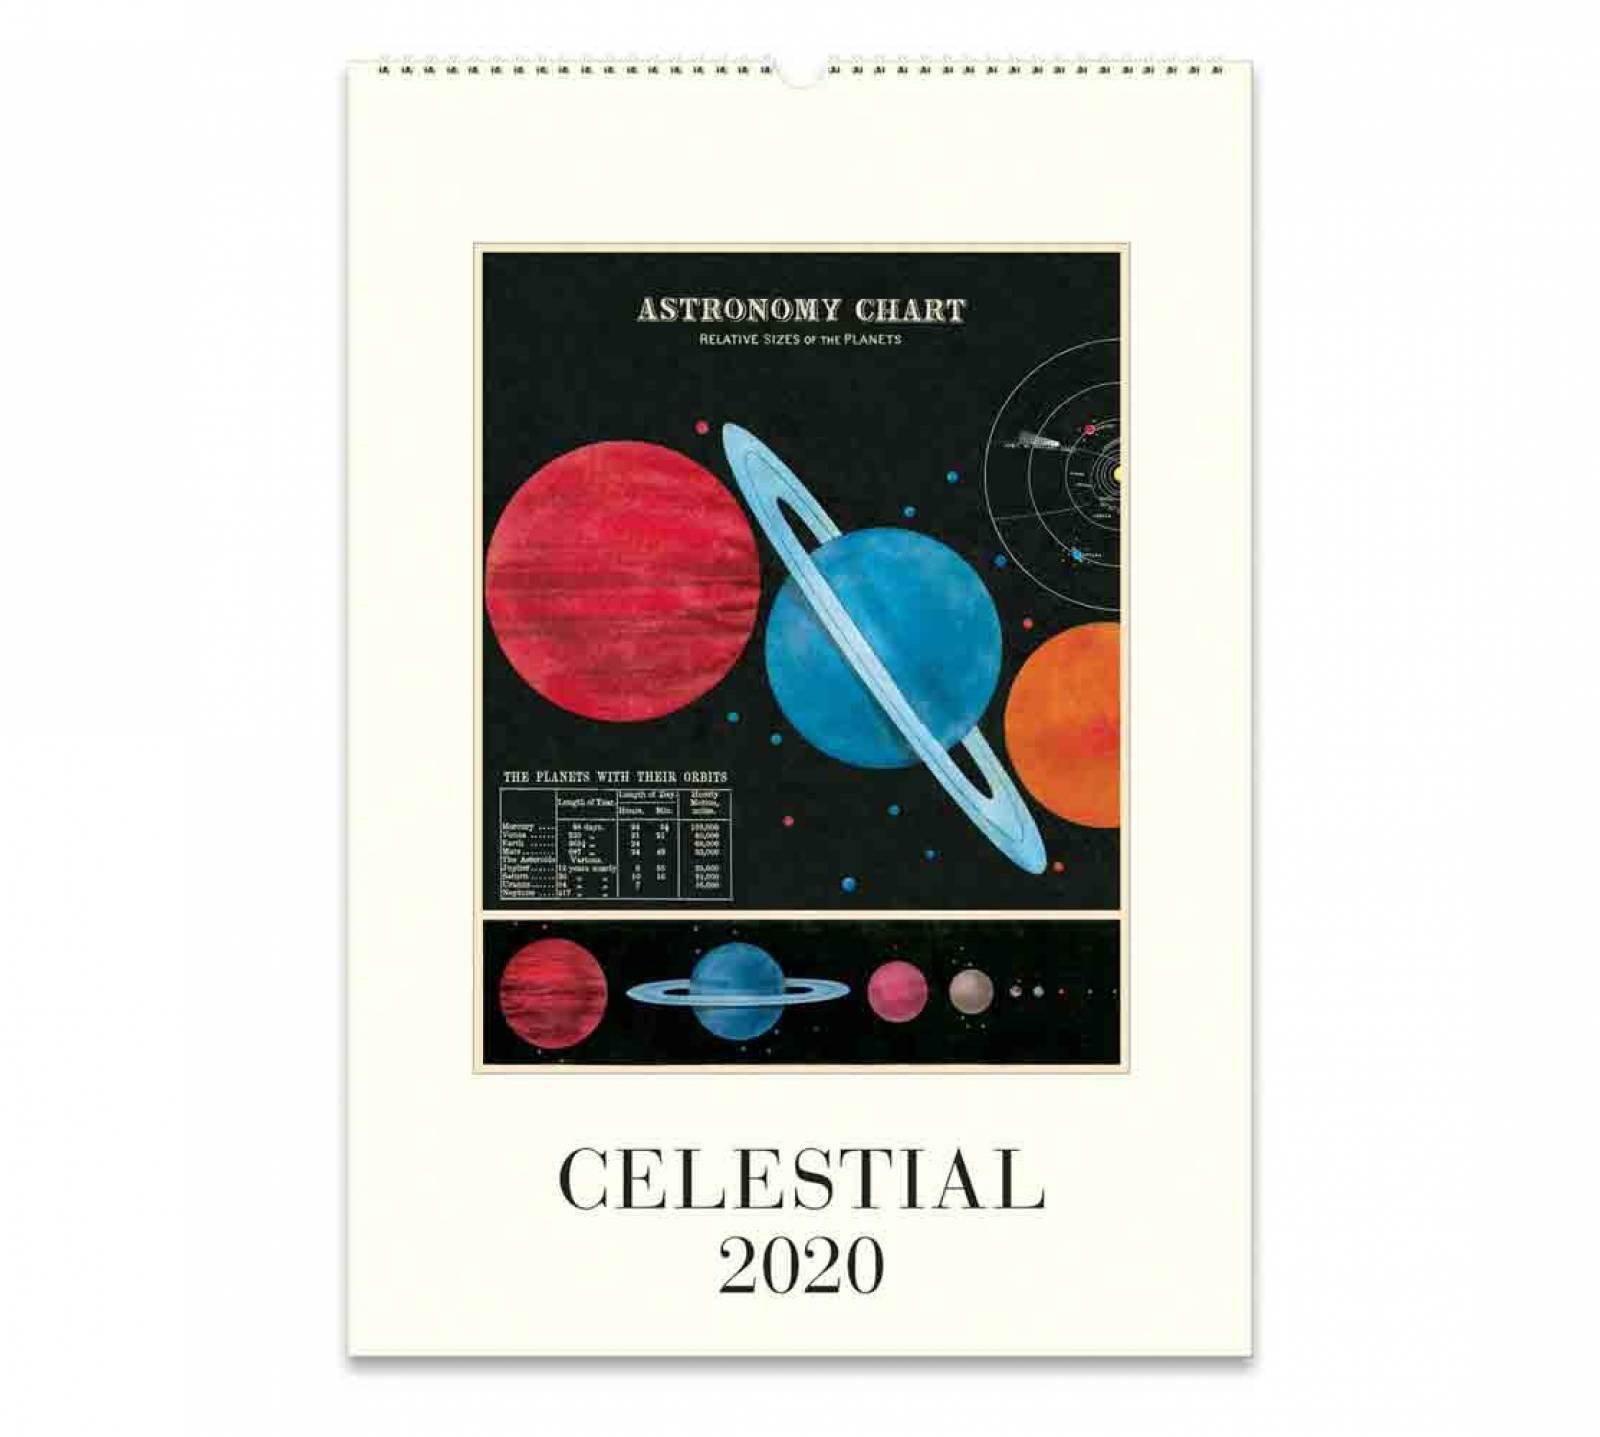 Celestial Wall Calendar By Cavallini